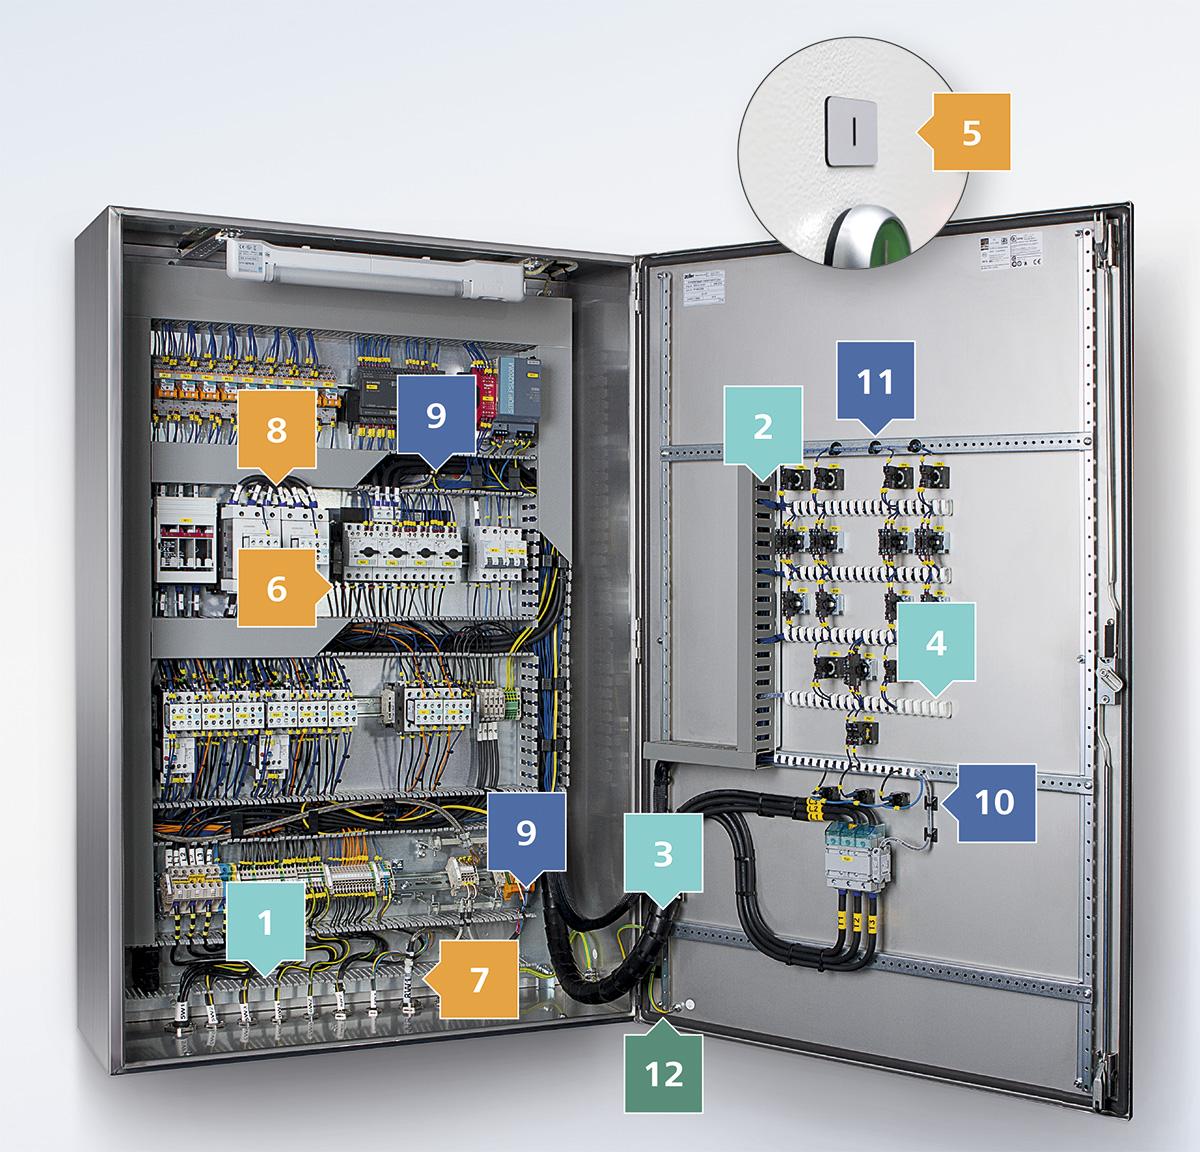 Cuadros Eléctricos: Identificación de Cables | HellermannTyton